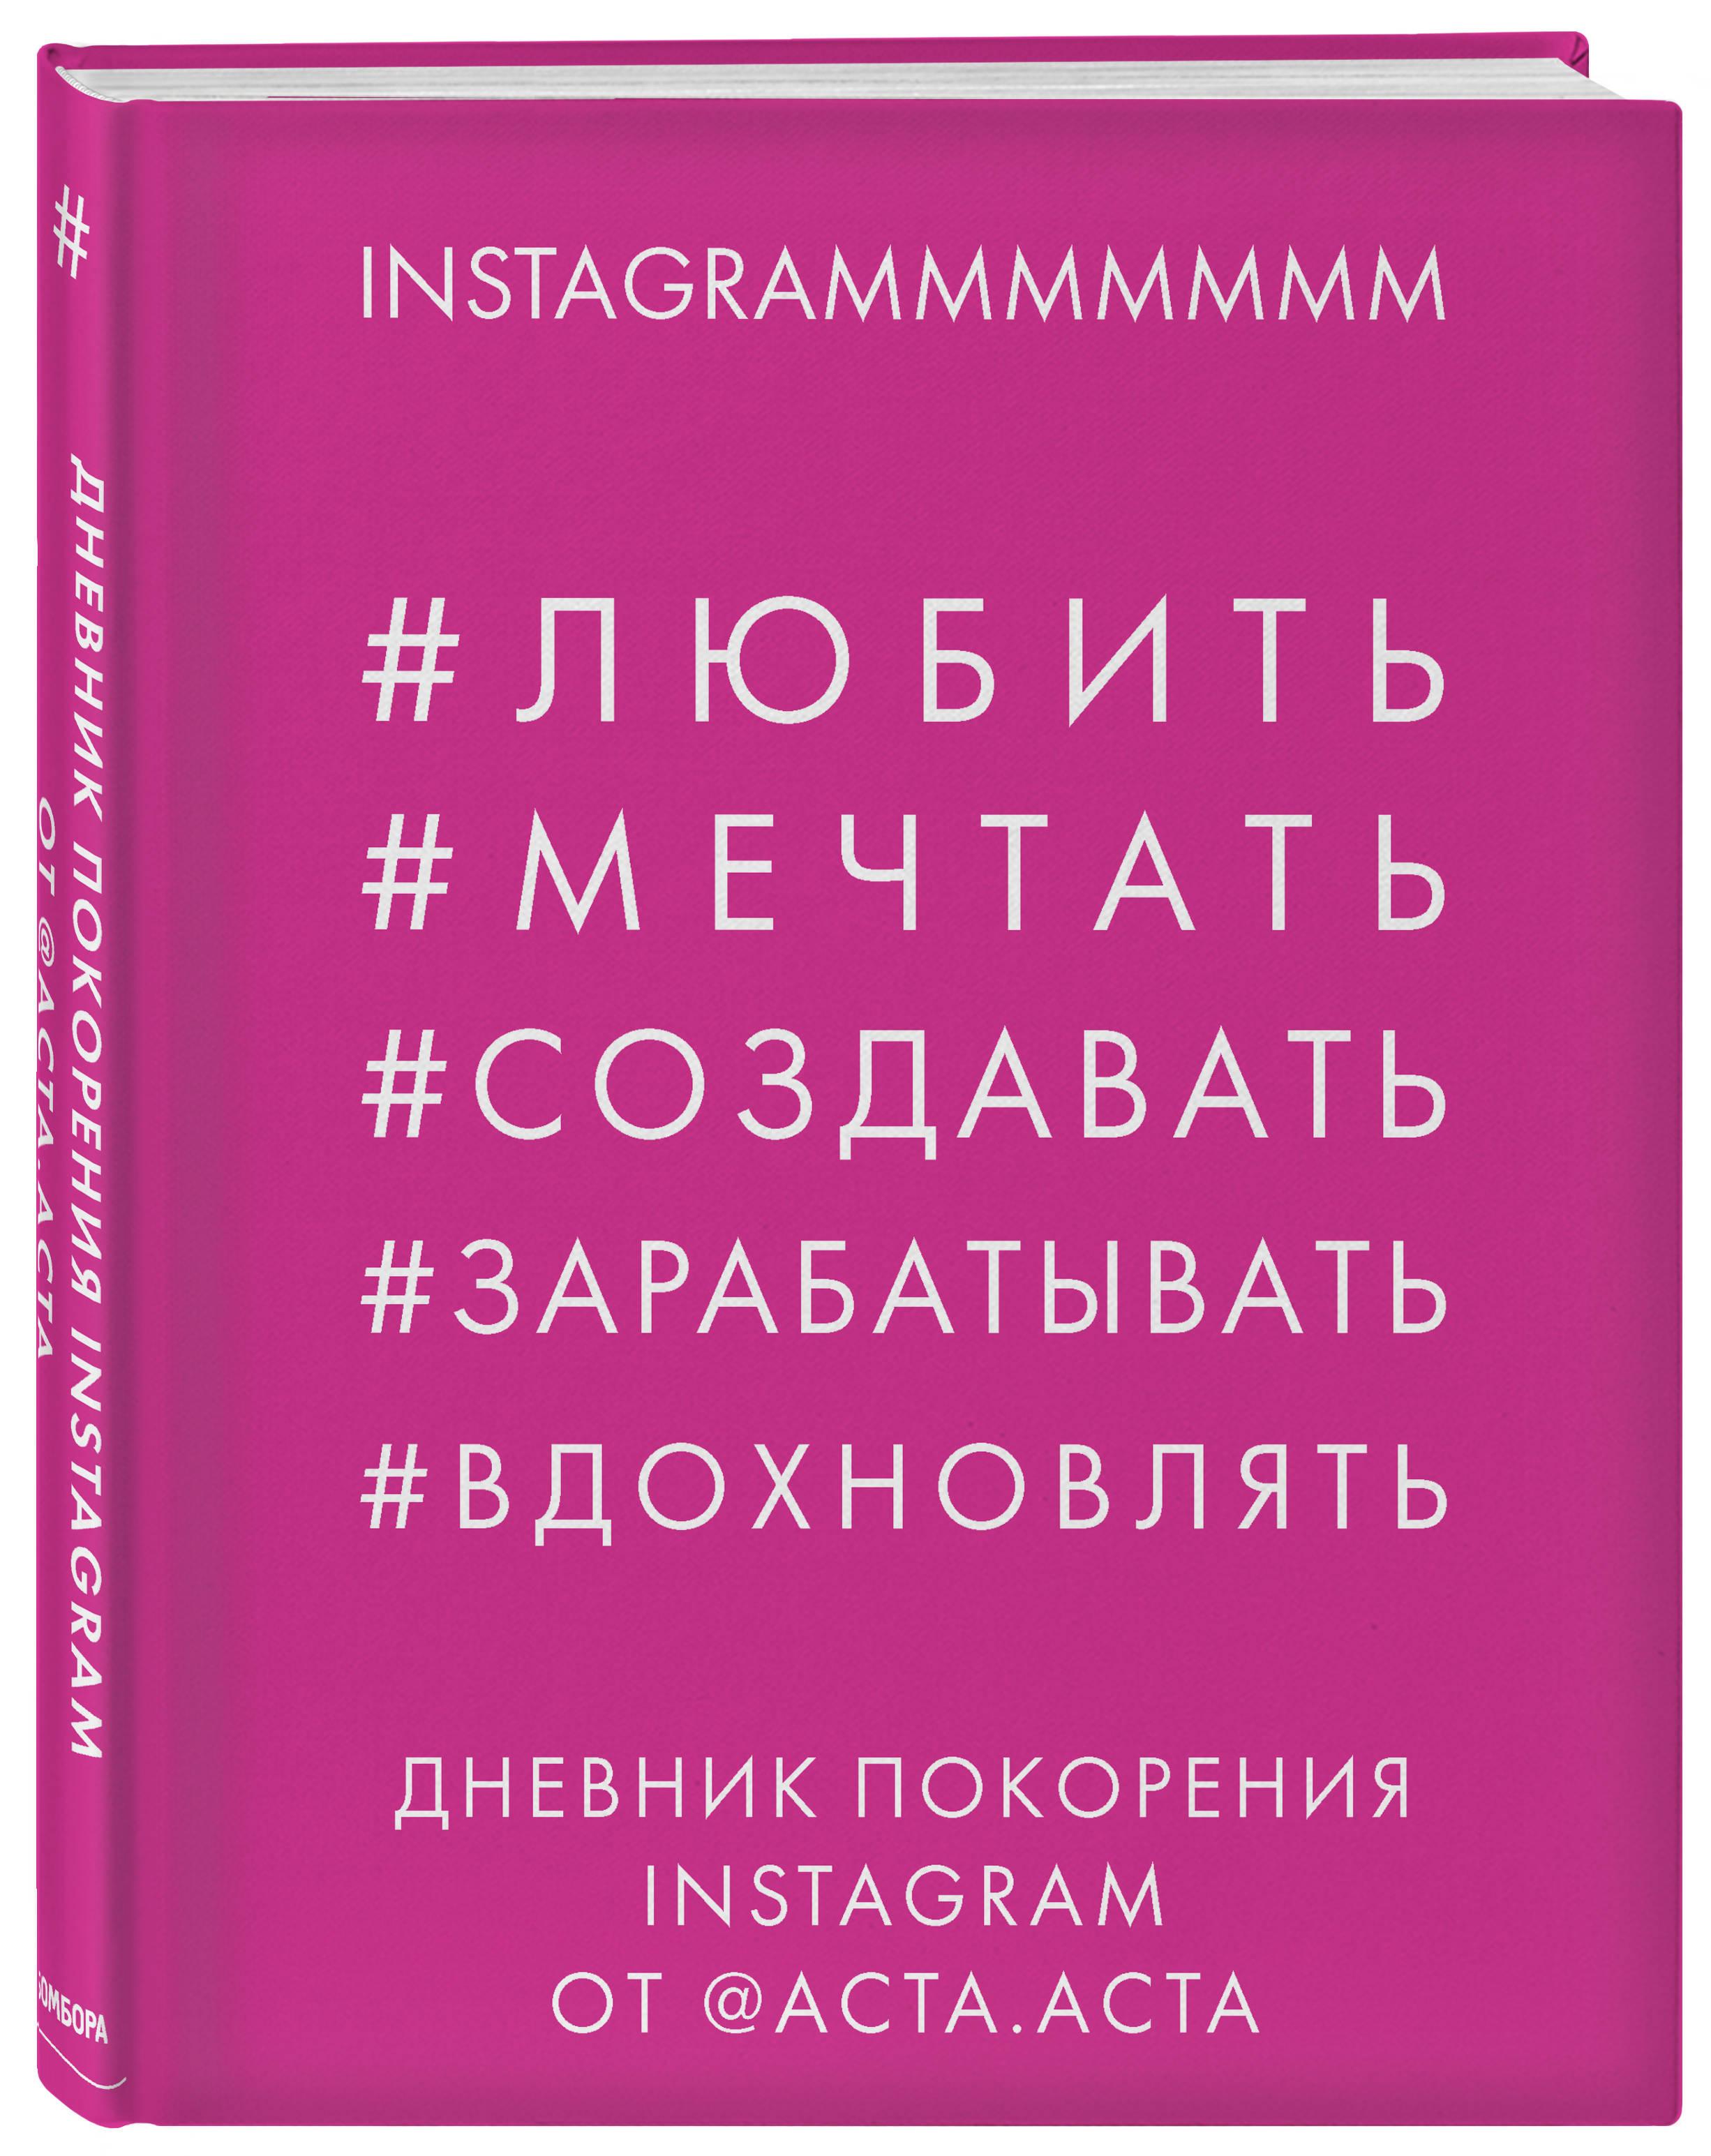 Акта Акта Дневник покорения Instagram алиона хильт как раскрутить блог в instagram лайфхаки тренды жизнь